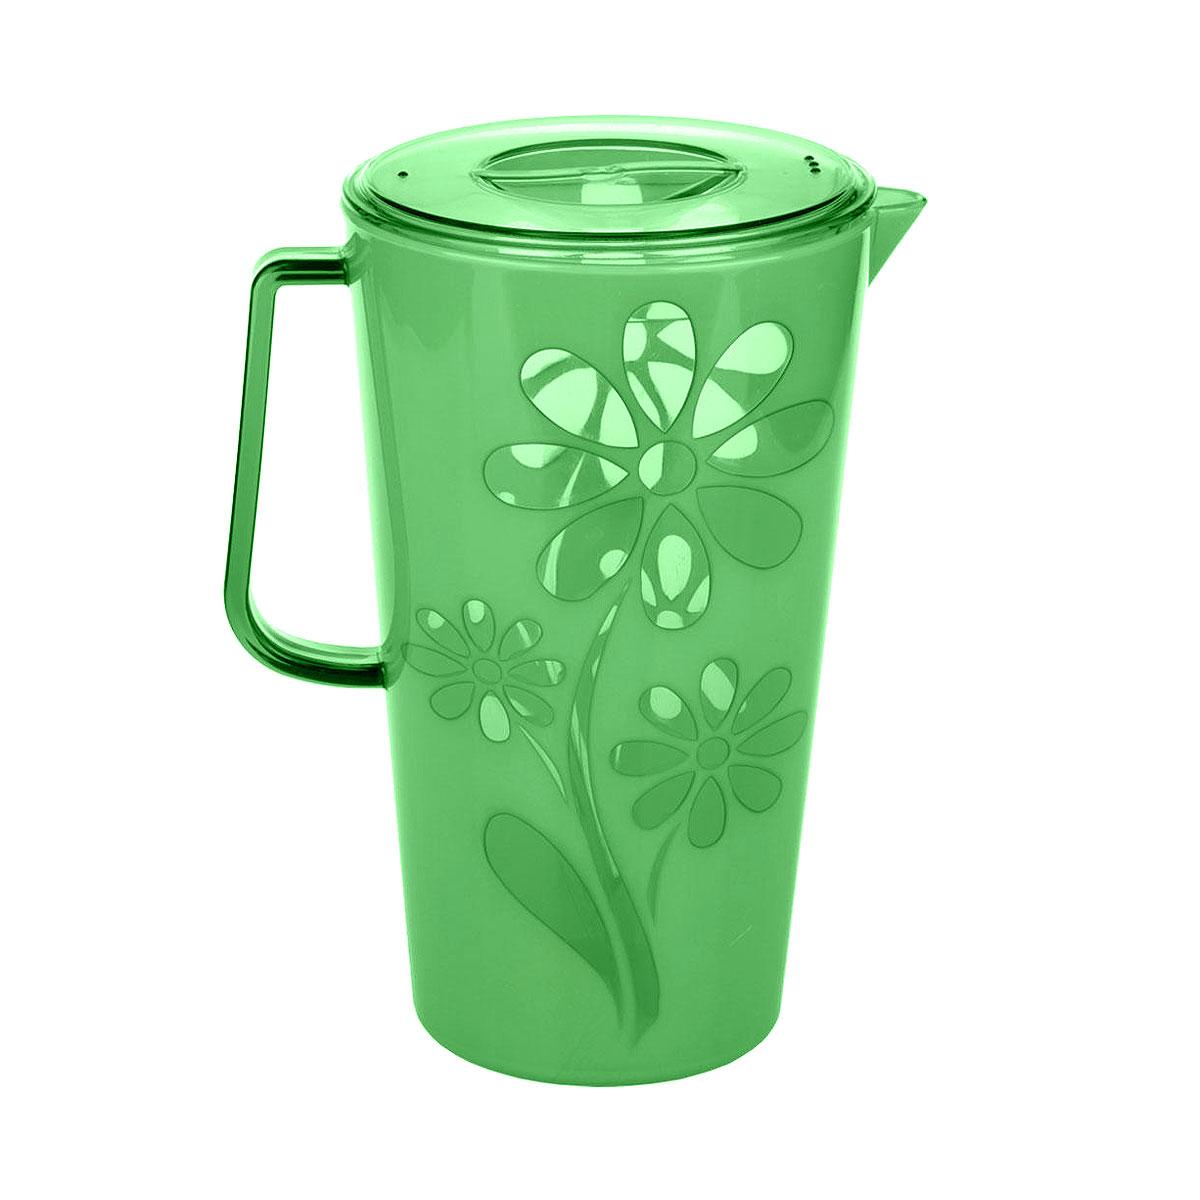 Кувшин Альтернатива Соблазн, цвет: зеленый, 2,5 лVT-1520(SR)Кувшин Альтернатива Соблазн, выполненный из пластика, украсит ваш стол. Кувшин оснащен ручкой и носиком для удобного наливания. Изделие прекрасно подойдет для подачи воды, сока, компота и других напитков.